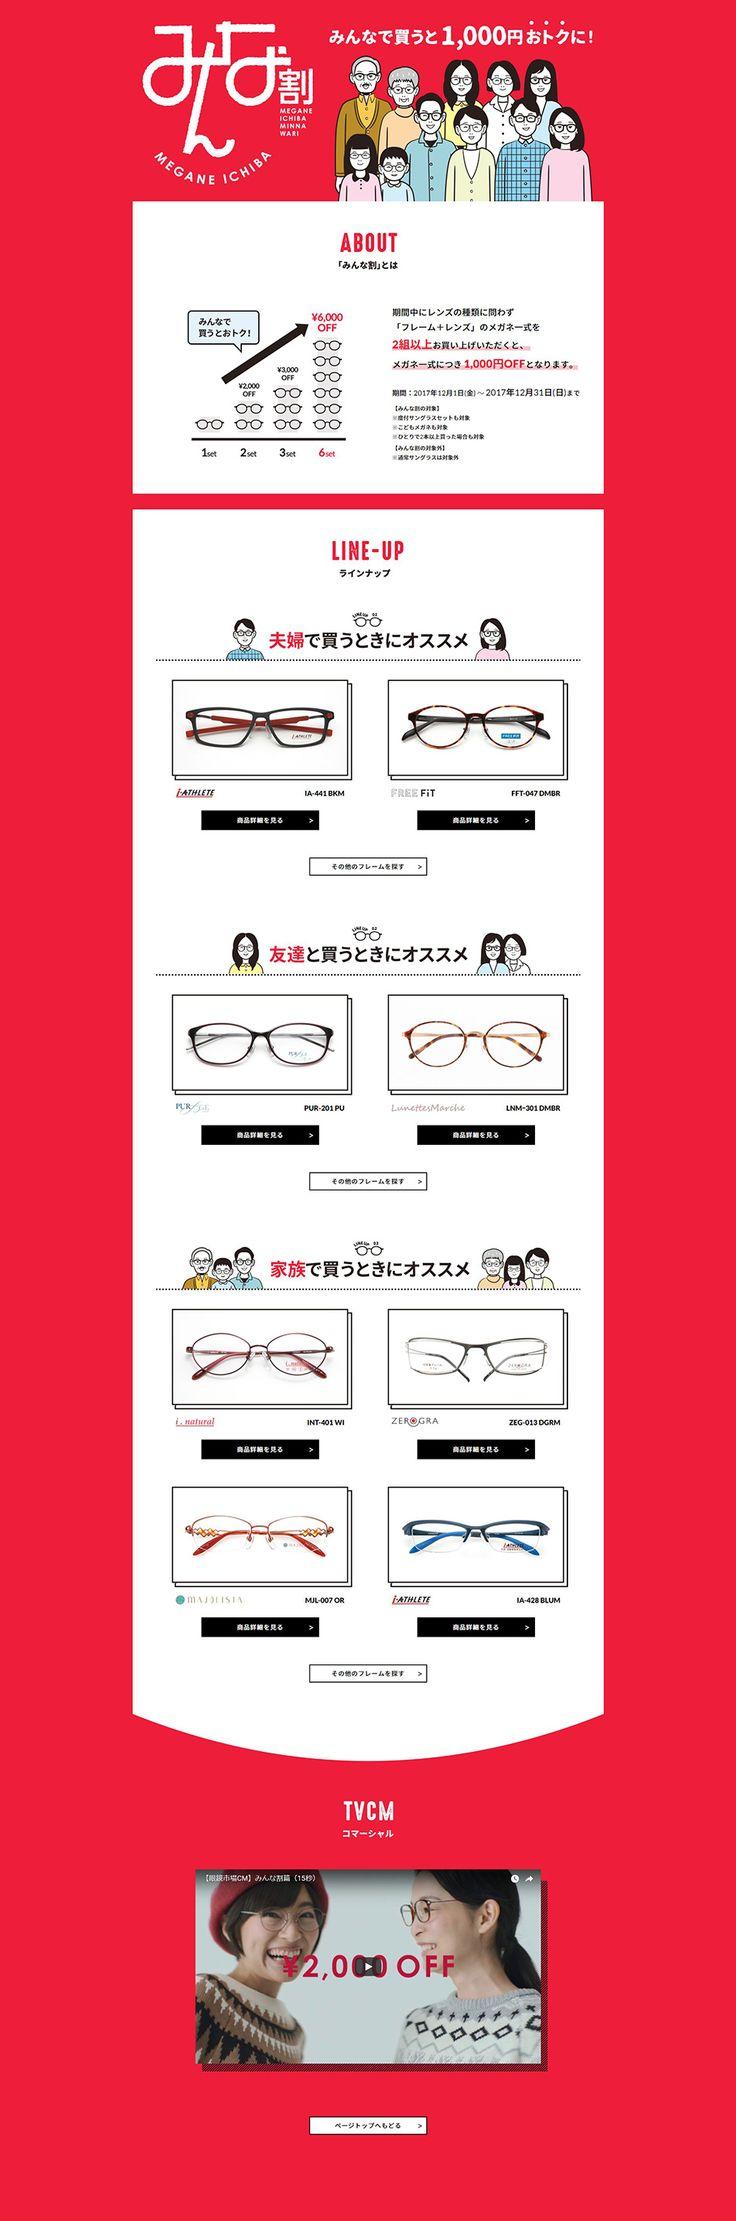 株式会社 メガネトップ様の「みんな割」のランディングページ(LP)シンプル系|ファッション #LP #ランディングページ #ランペ #みんな割